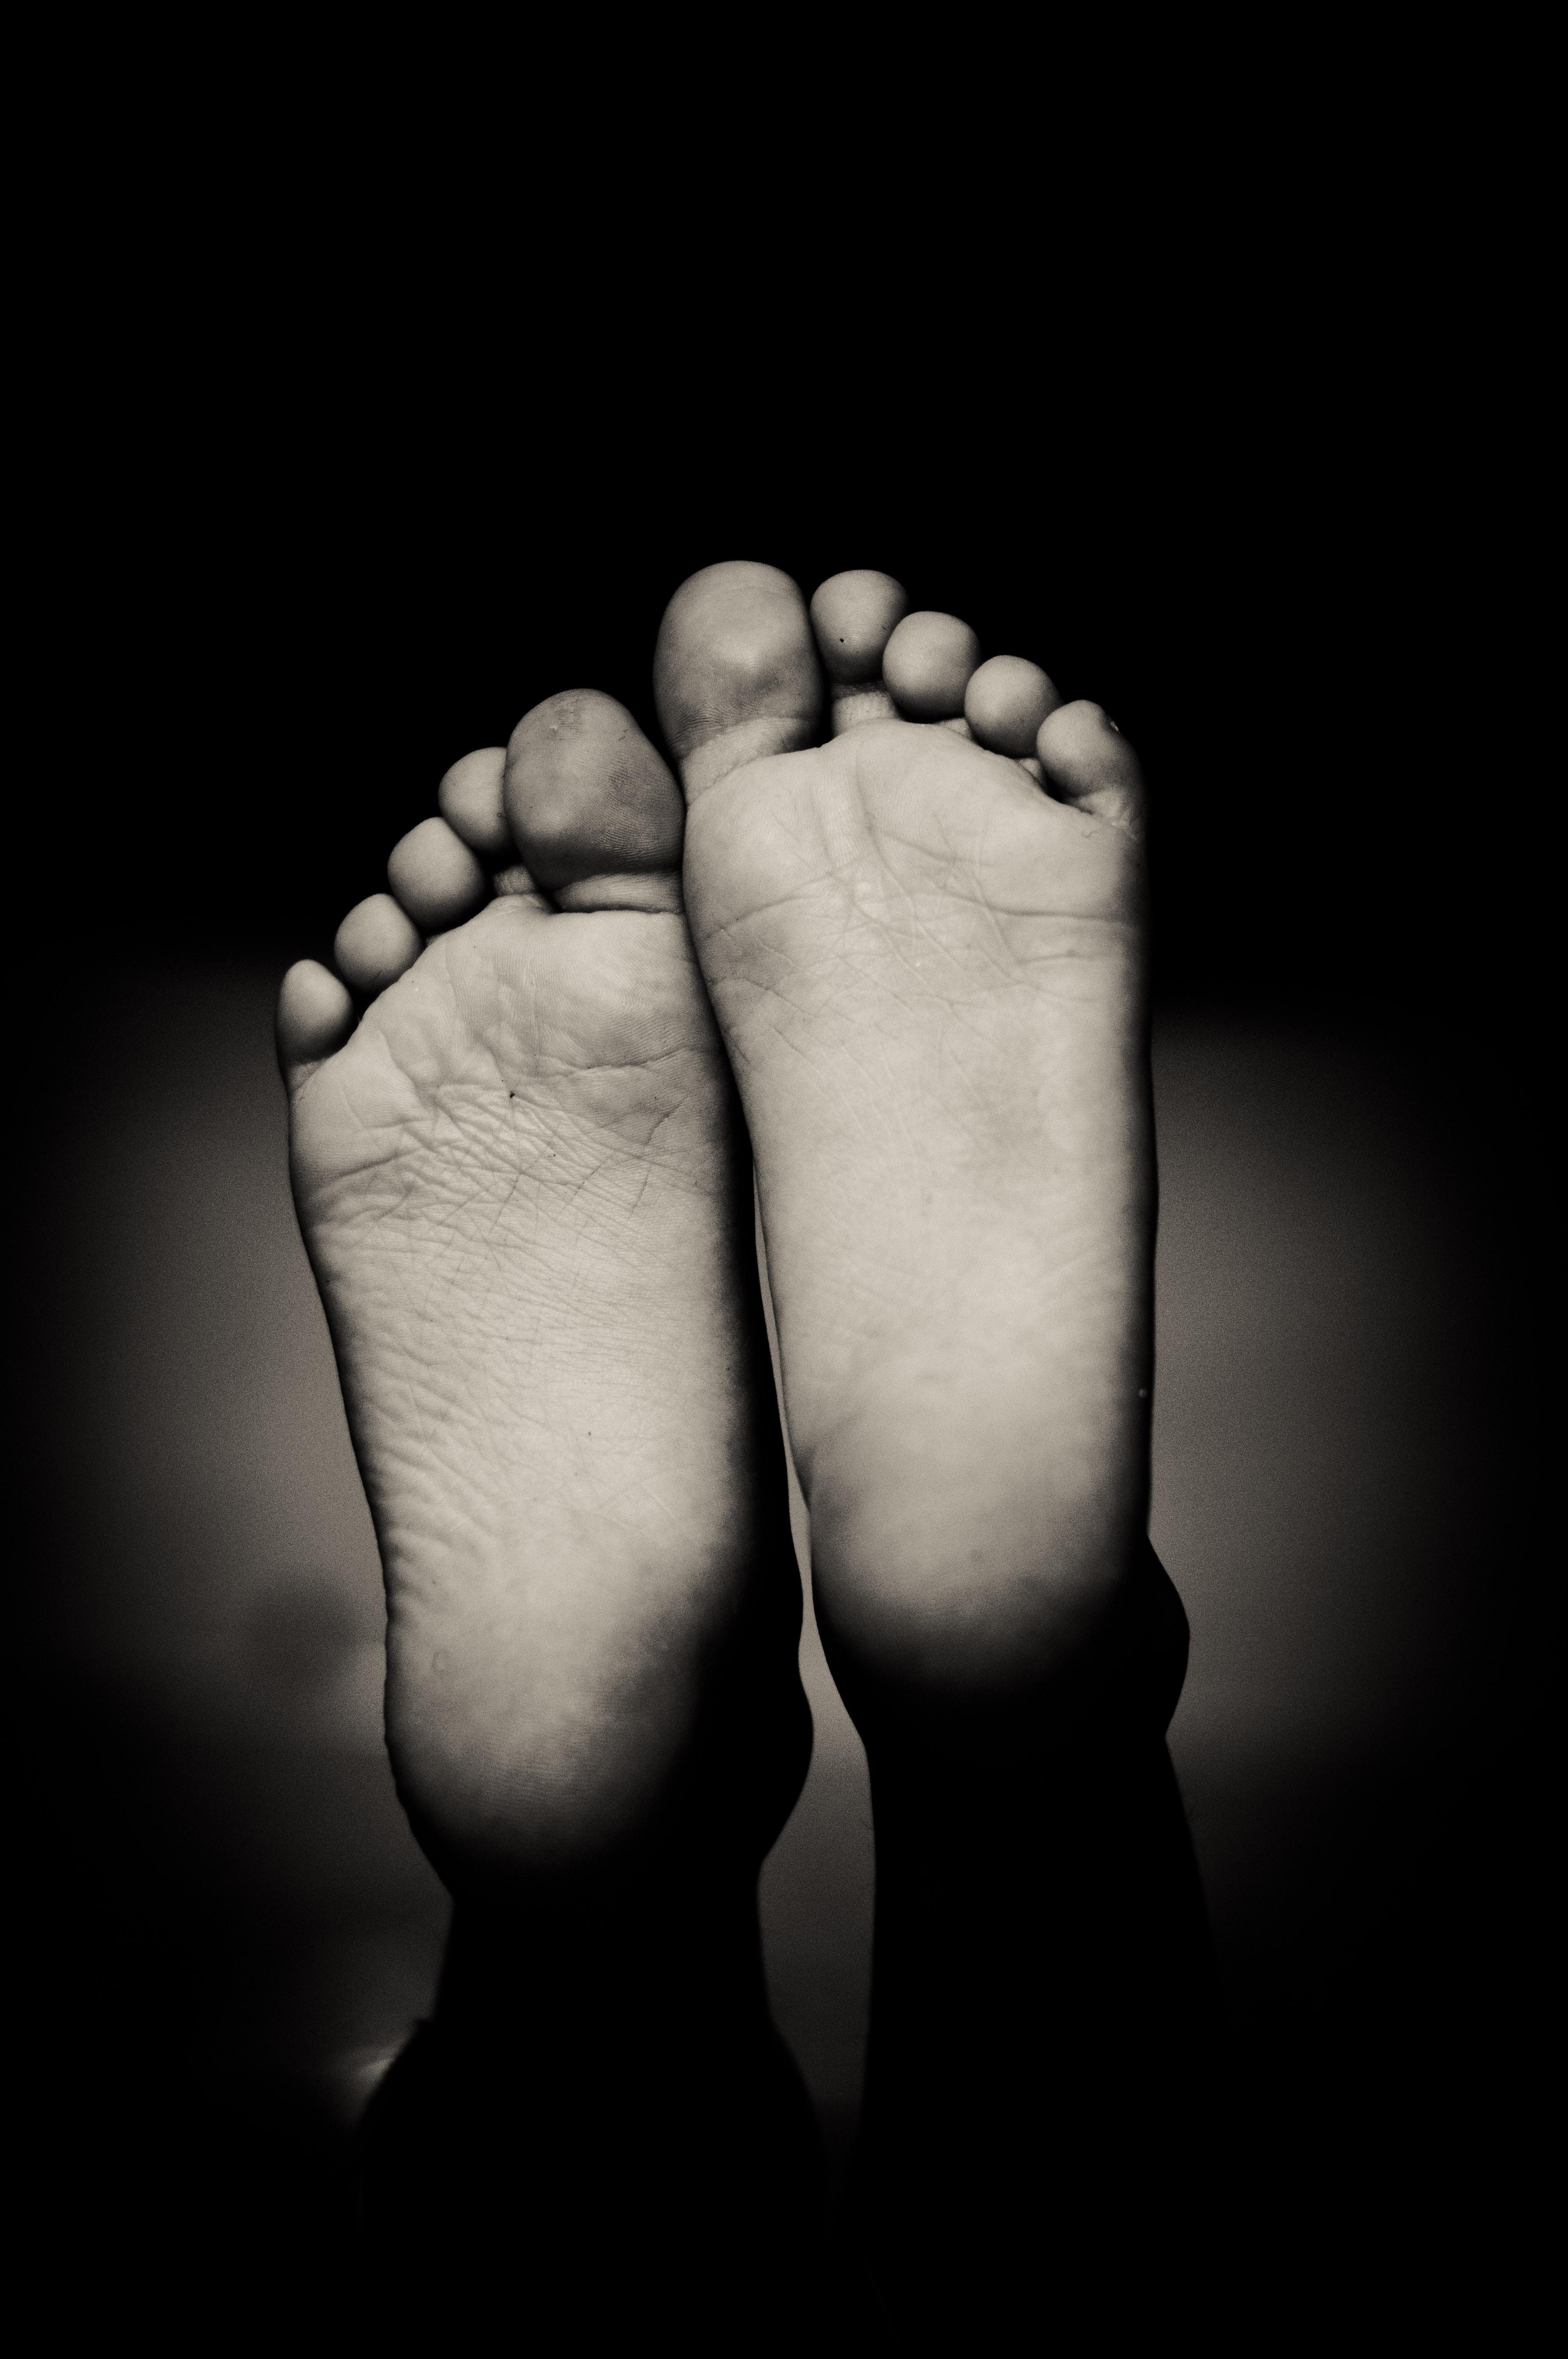 足の虫様筋の役割と作用 トレーニング方法 【足の微妙な位置関係を調整する筋肉】